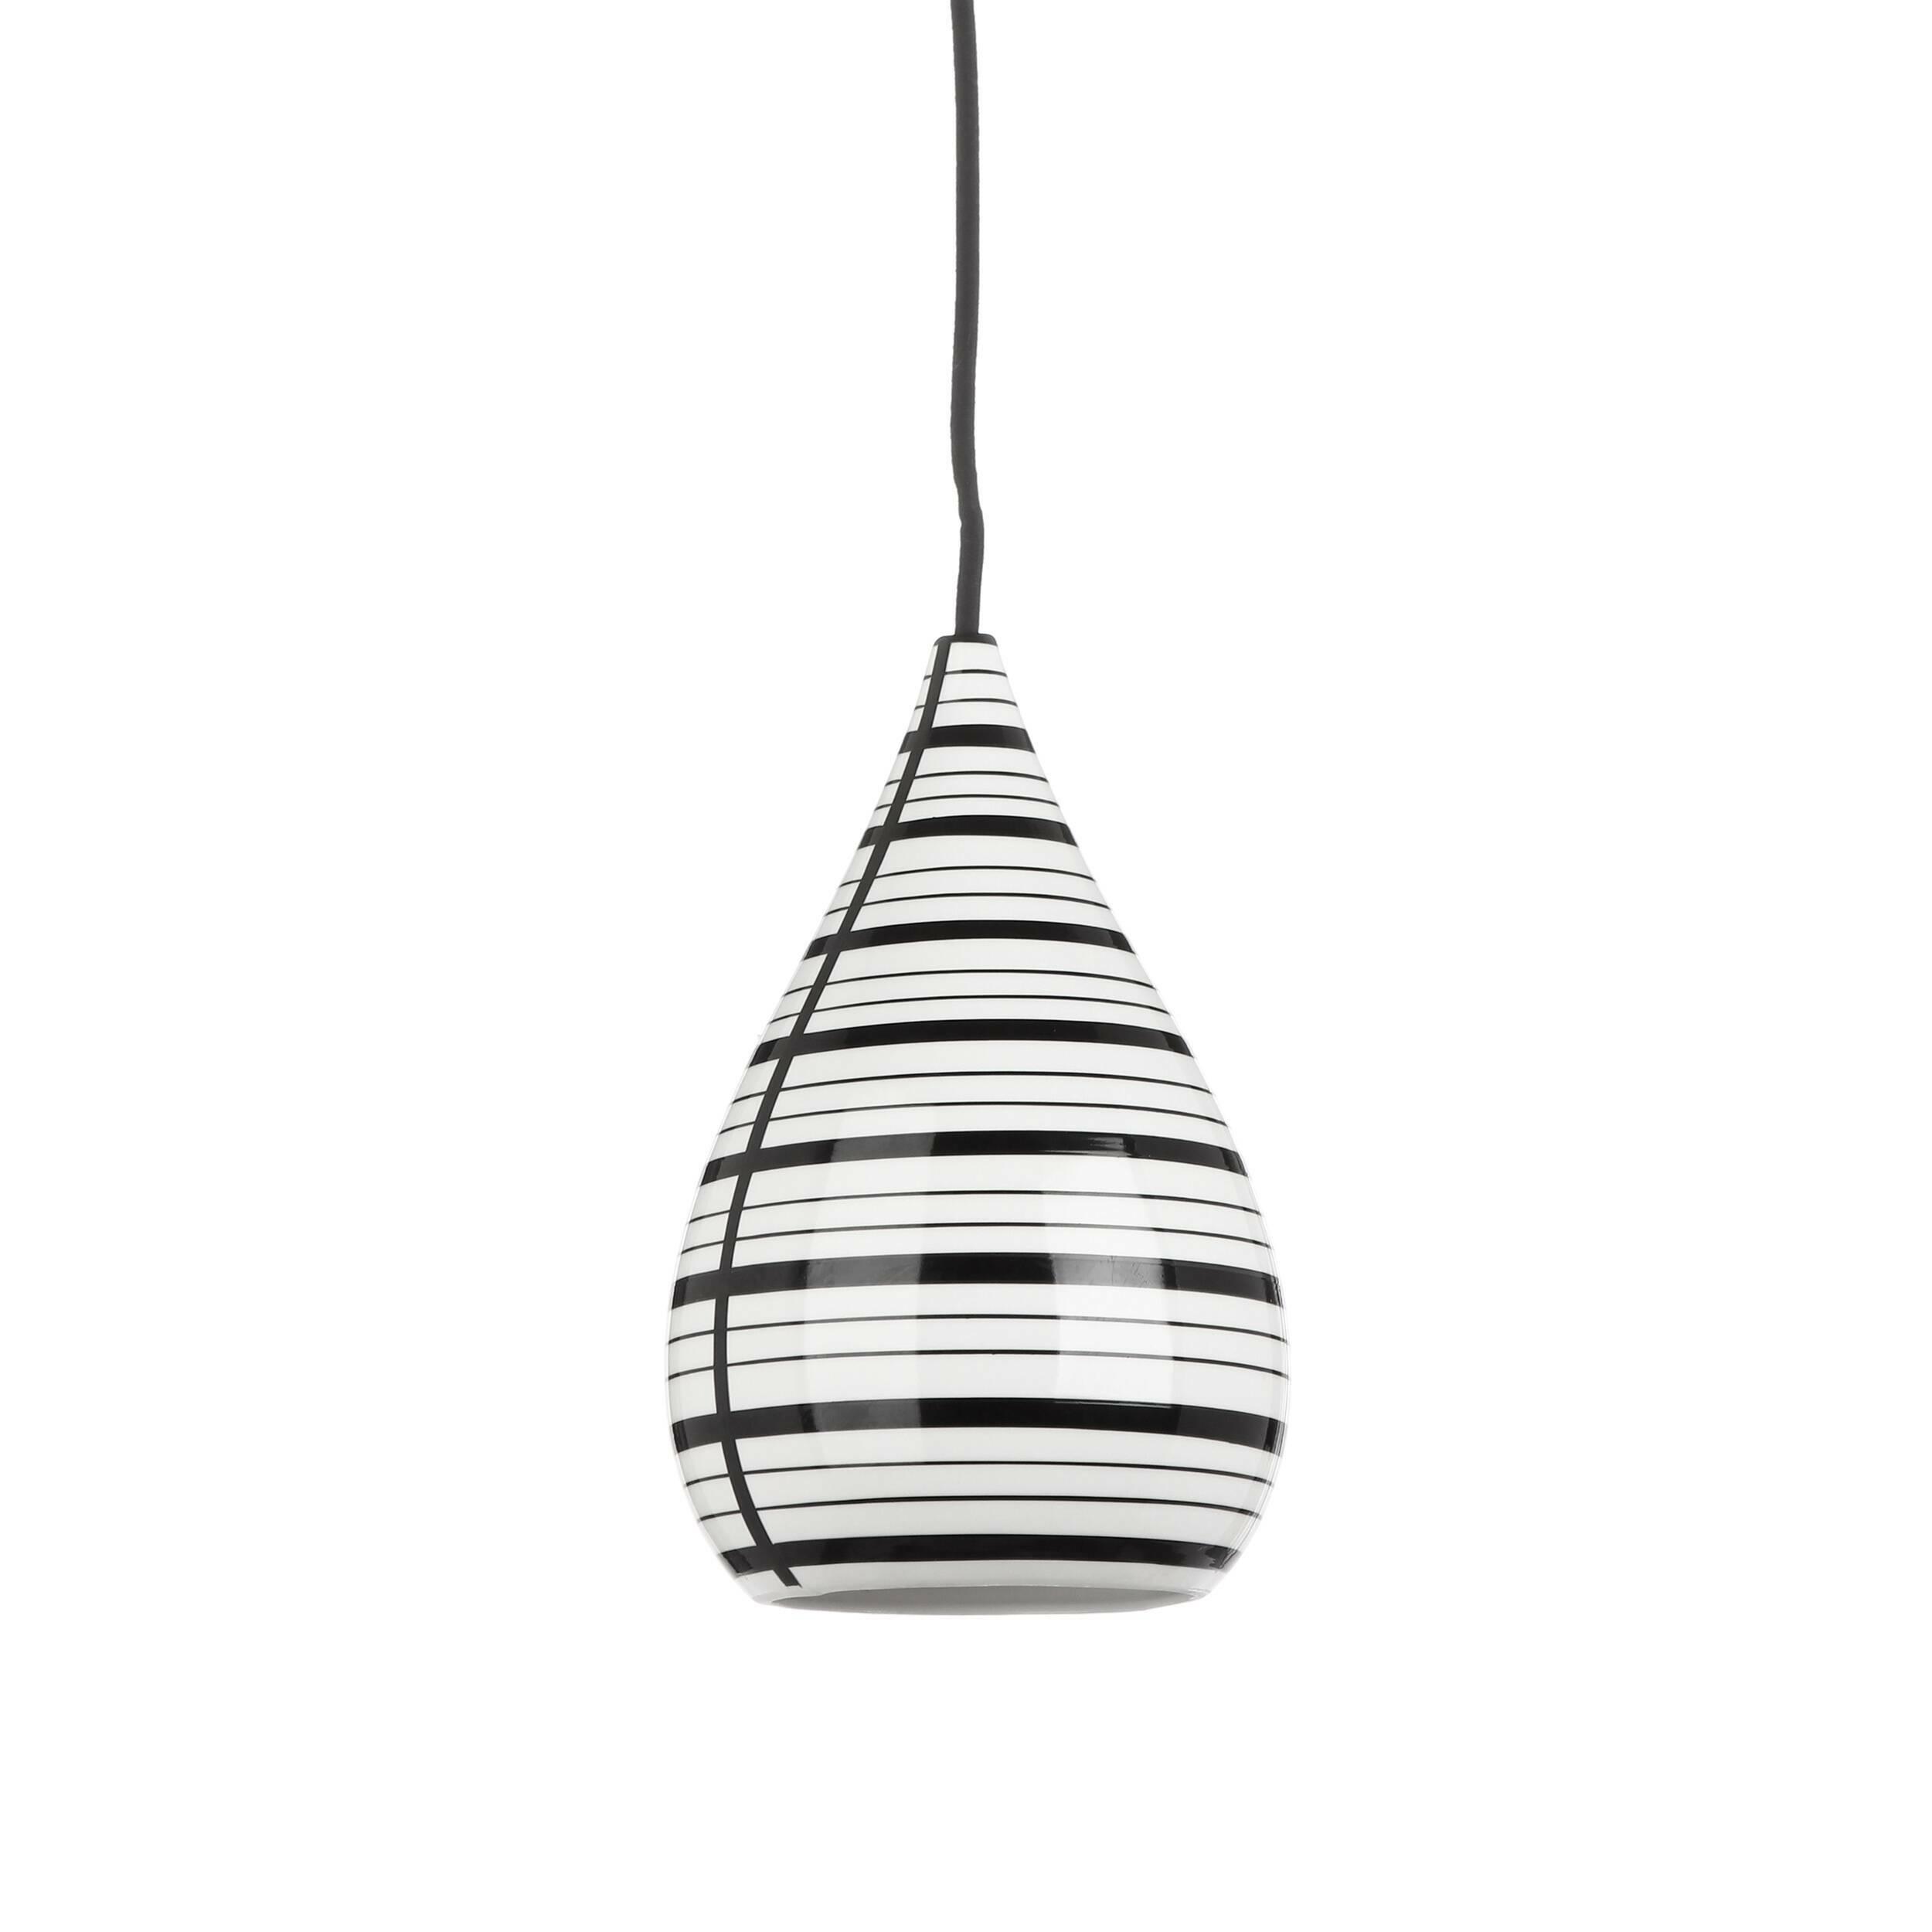 Подвесной светильник Circle LineПодвесные<br>Подвесной светильник Circle Line — это классическая лампа из фарфора с ручной росписью черными линиями. Circle Line будет уместно смотреться в широком диапазоне интерьерных решений. Используйте подвесной светильник Circle Line в монохромных интерьерах или сочетайте их.<br><br><br><br> Circle Line также доступны в виде подвесного и настенного светильников.<br><br>stock: 1<br>Высота: 24<br>Диаметр: 14.5<br>Длина провода: 150<br>Доп. цвет абажура: Черный<br>Материал абажура: Фарфор<br>Мощность лампы: 40/60<br>Ламп в комплекте: Нет<br>Тип лампы/цоколь: E27<br>Цвет абажура: Белый